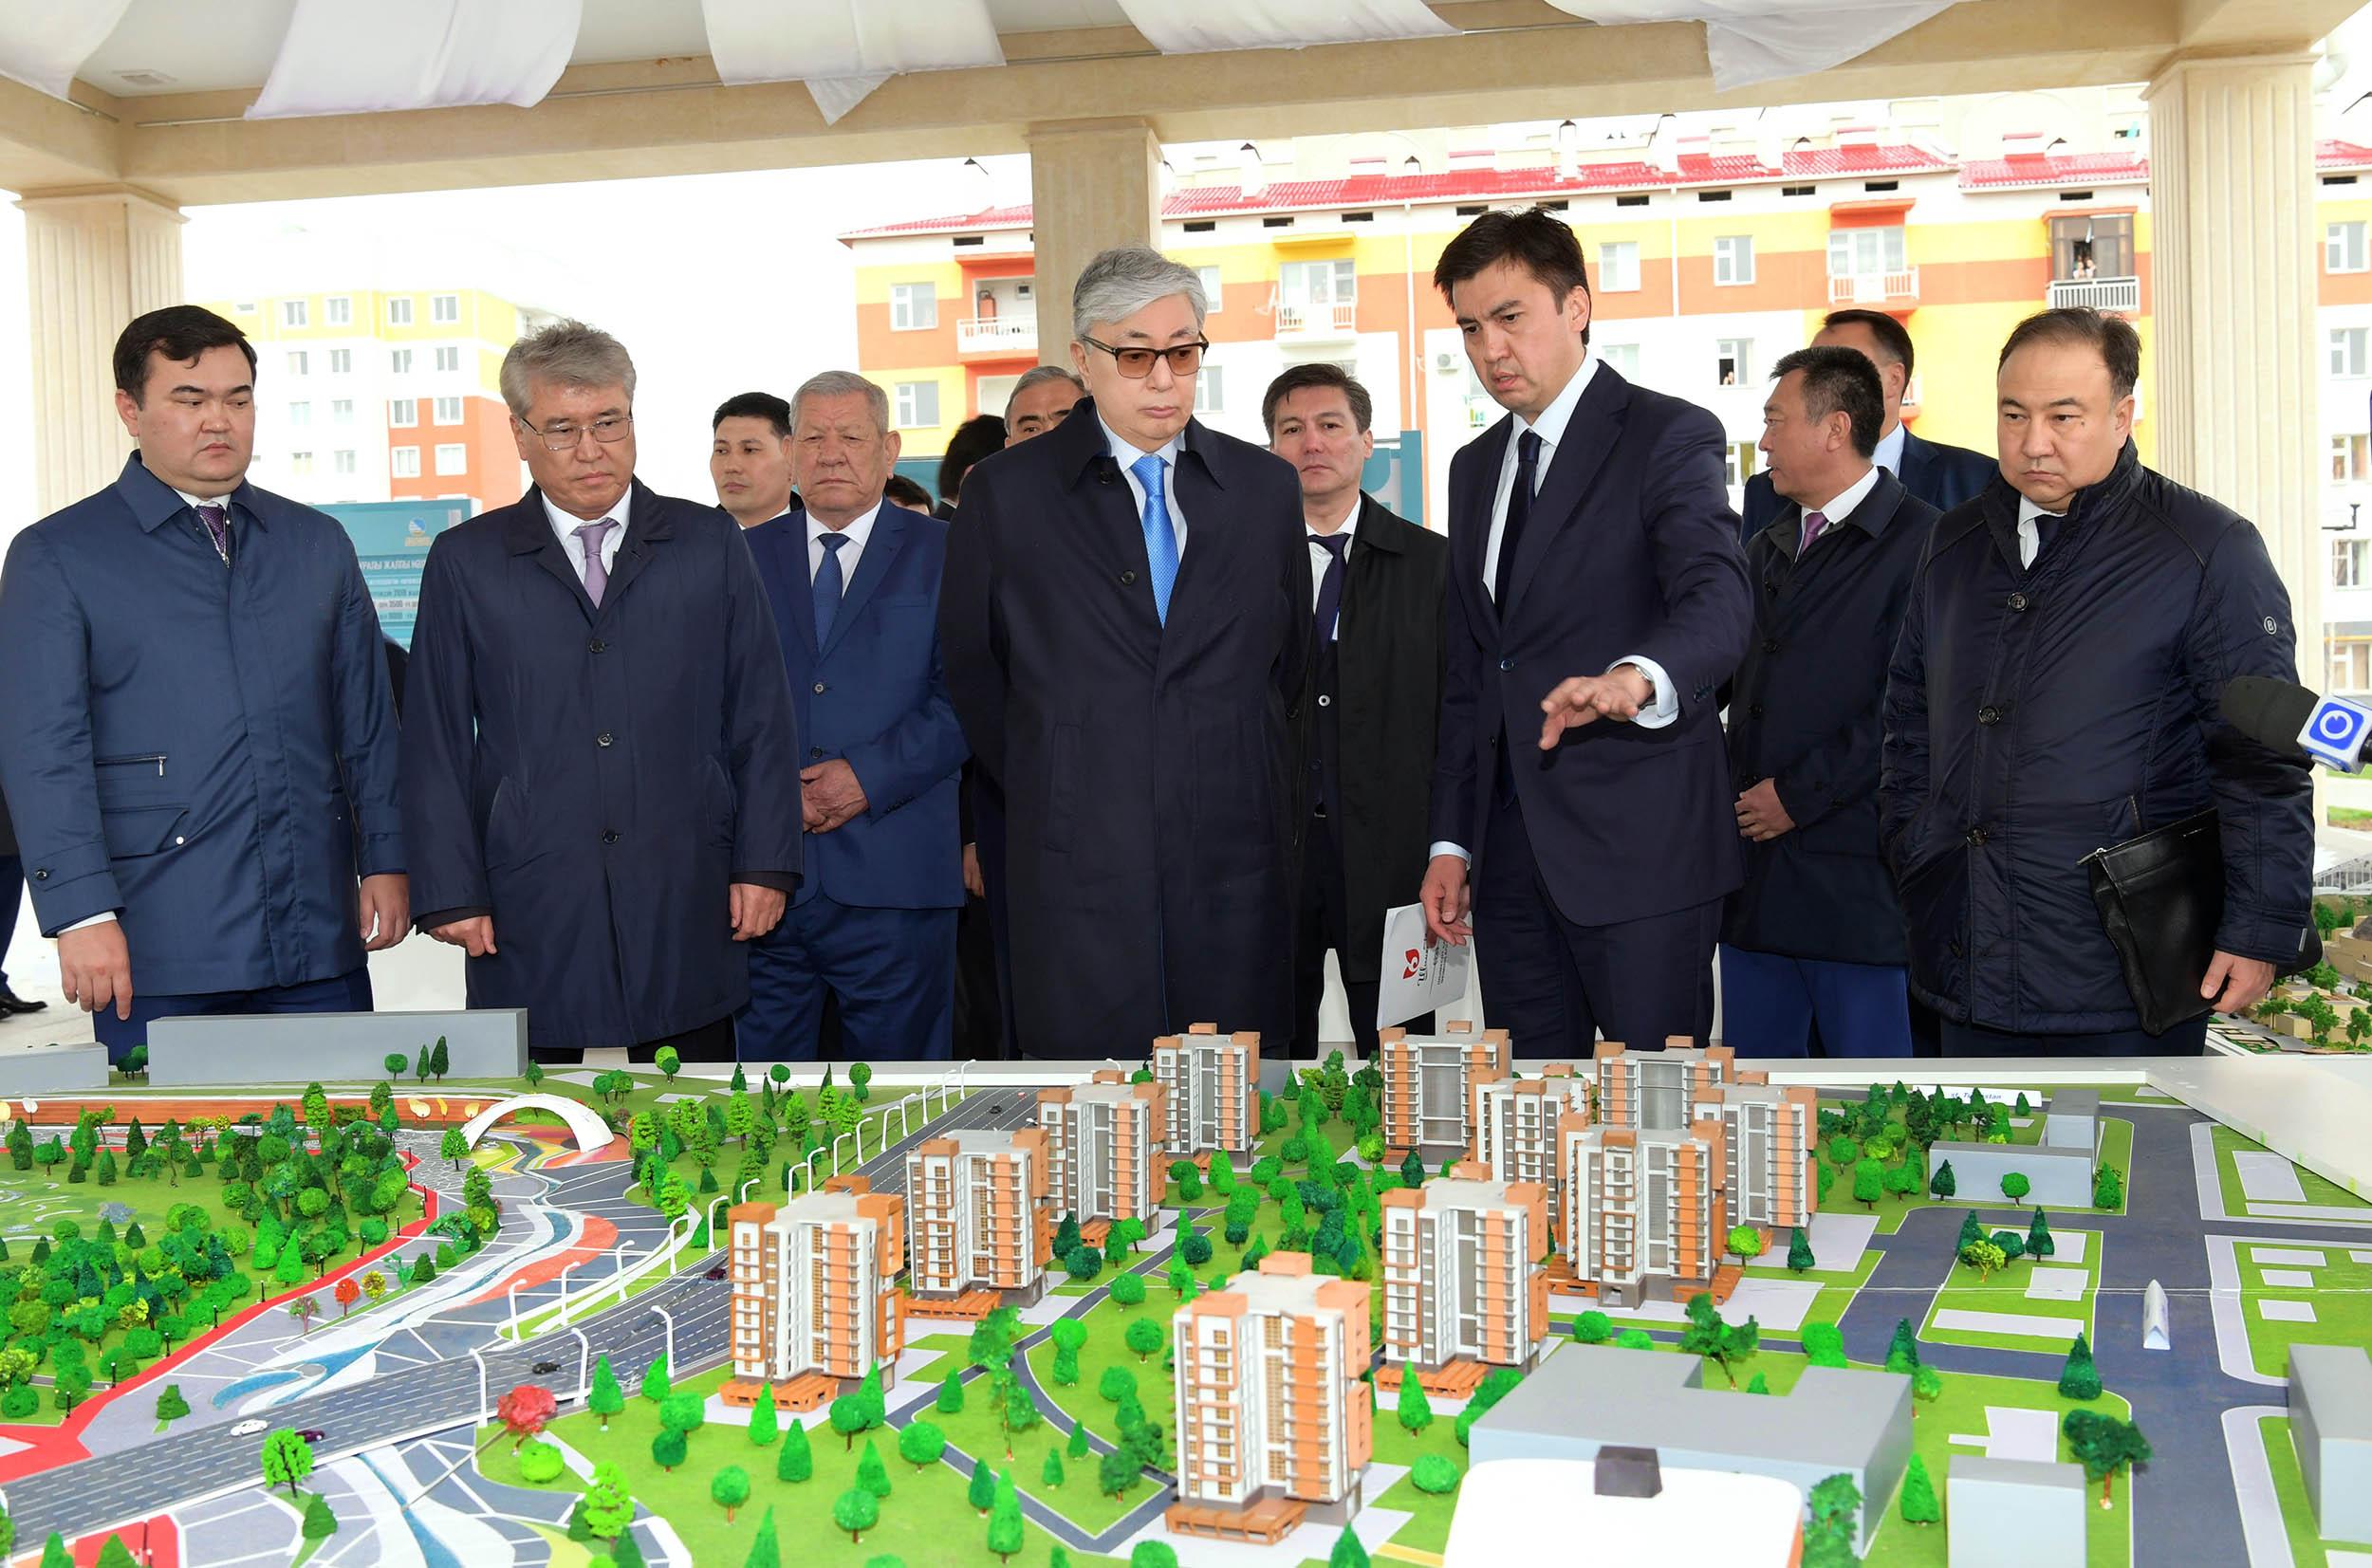 Касым-Жомарт Токаев посетил Административно-деловой центр Шымкента